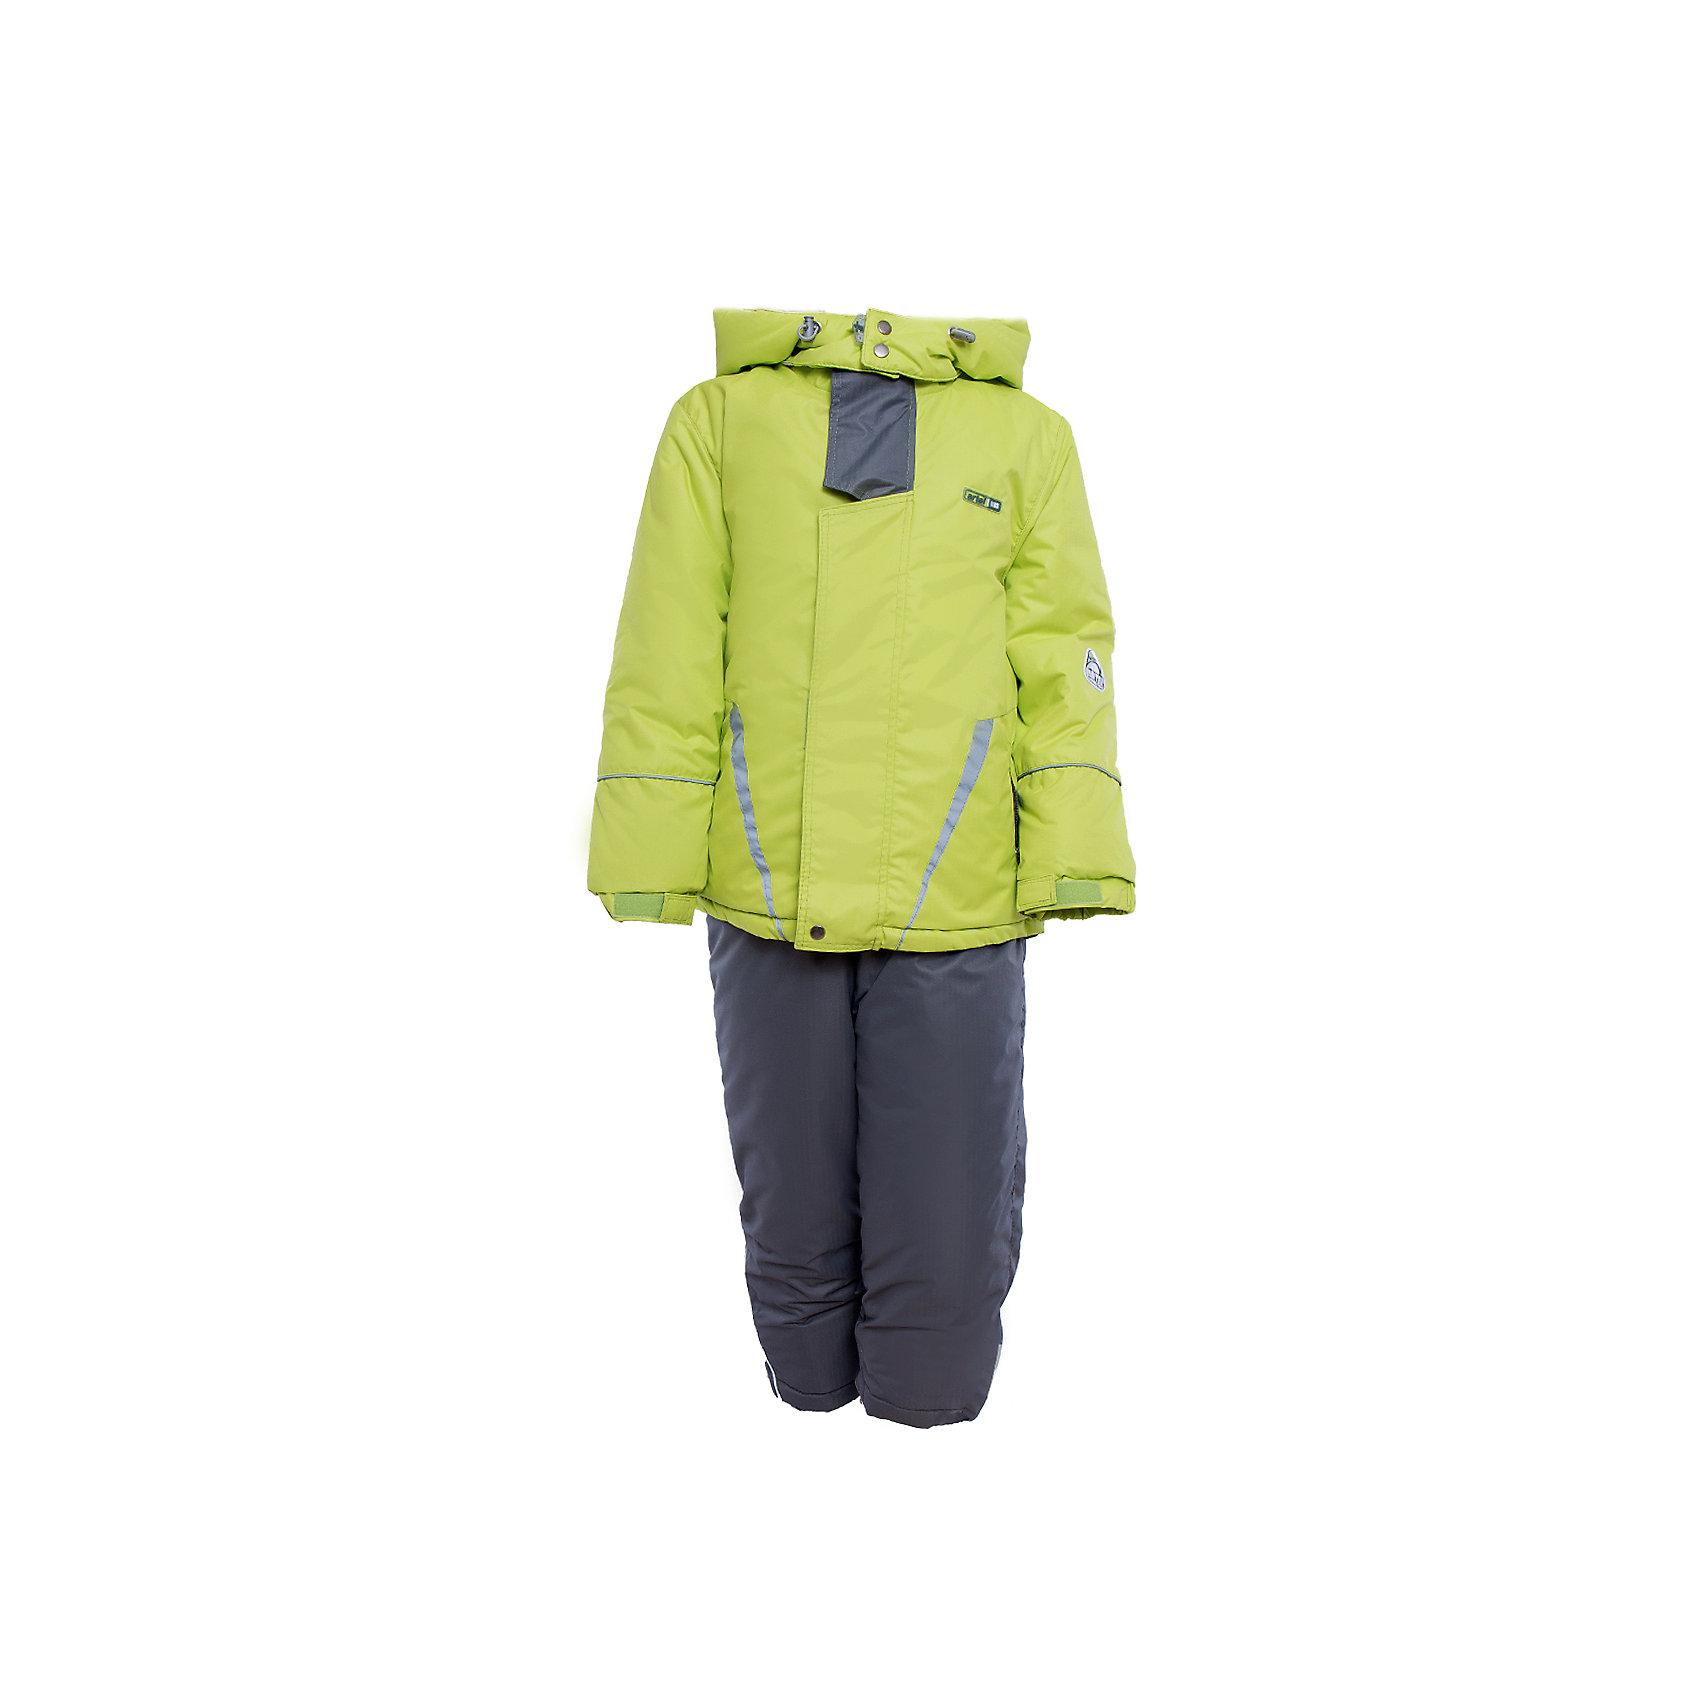 Комплект: куртка и полукомбинезон для мальчика АртельВерхняя одежда<br>Комплект: куртка и полукомбинезон для мальчика от известного бренда Артель<br>Комплект на современном утеплителеиз мембранной ткани, позволит ребенку долго гулять даже в самую слякотную погоду, кататься с мокрых горок и не промокнуть. Куртка выполнена из мембранной ткани . Функцию дополнительной защиты от ветра выполняют: глубокий капюшон с резинкой и стопорами, кулиска с резинкой по низу куртки, дополнительная фиксация по краю рукава с регулируемой липучкой. По линии талии расположен пояс на резинке с декоративной пряжкой. У полукомбинезона регулируется длина бретелек. Внизу на штанишках есть молнии, для удобства одевания на зимние сапожки, а так же дополнительная фиксация, в виде напульсника и застежки на липучку.<br>Состав:<br>Верх: Dobby pongee<br>Подкладка: микрофлис,ПЭ<br>Утеплитель: термофин 200гр<br><br>Ширина мм: 215<br>Глубина мм: 88<br>Высота мм: 191<br>Вес г: 336<br>Цвет: зеленый<br>Возраст от месяцев: 84<br>Возраст до месяцев: 96<br>Пол: Мужской<br>Возраст: Детский<br>Размер: 128,134,140,146,116,122<br>SKU: 4963940